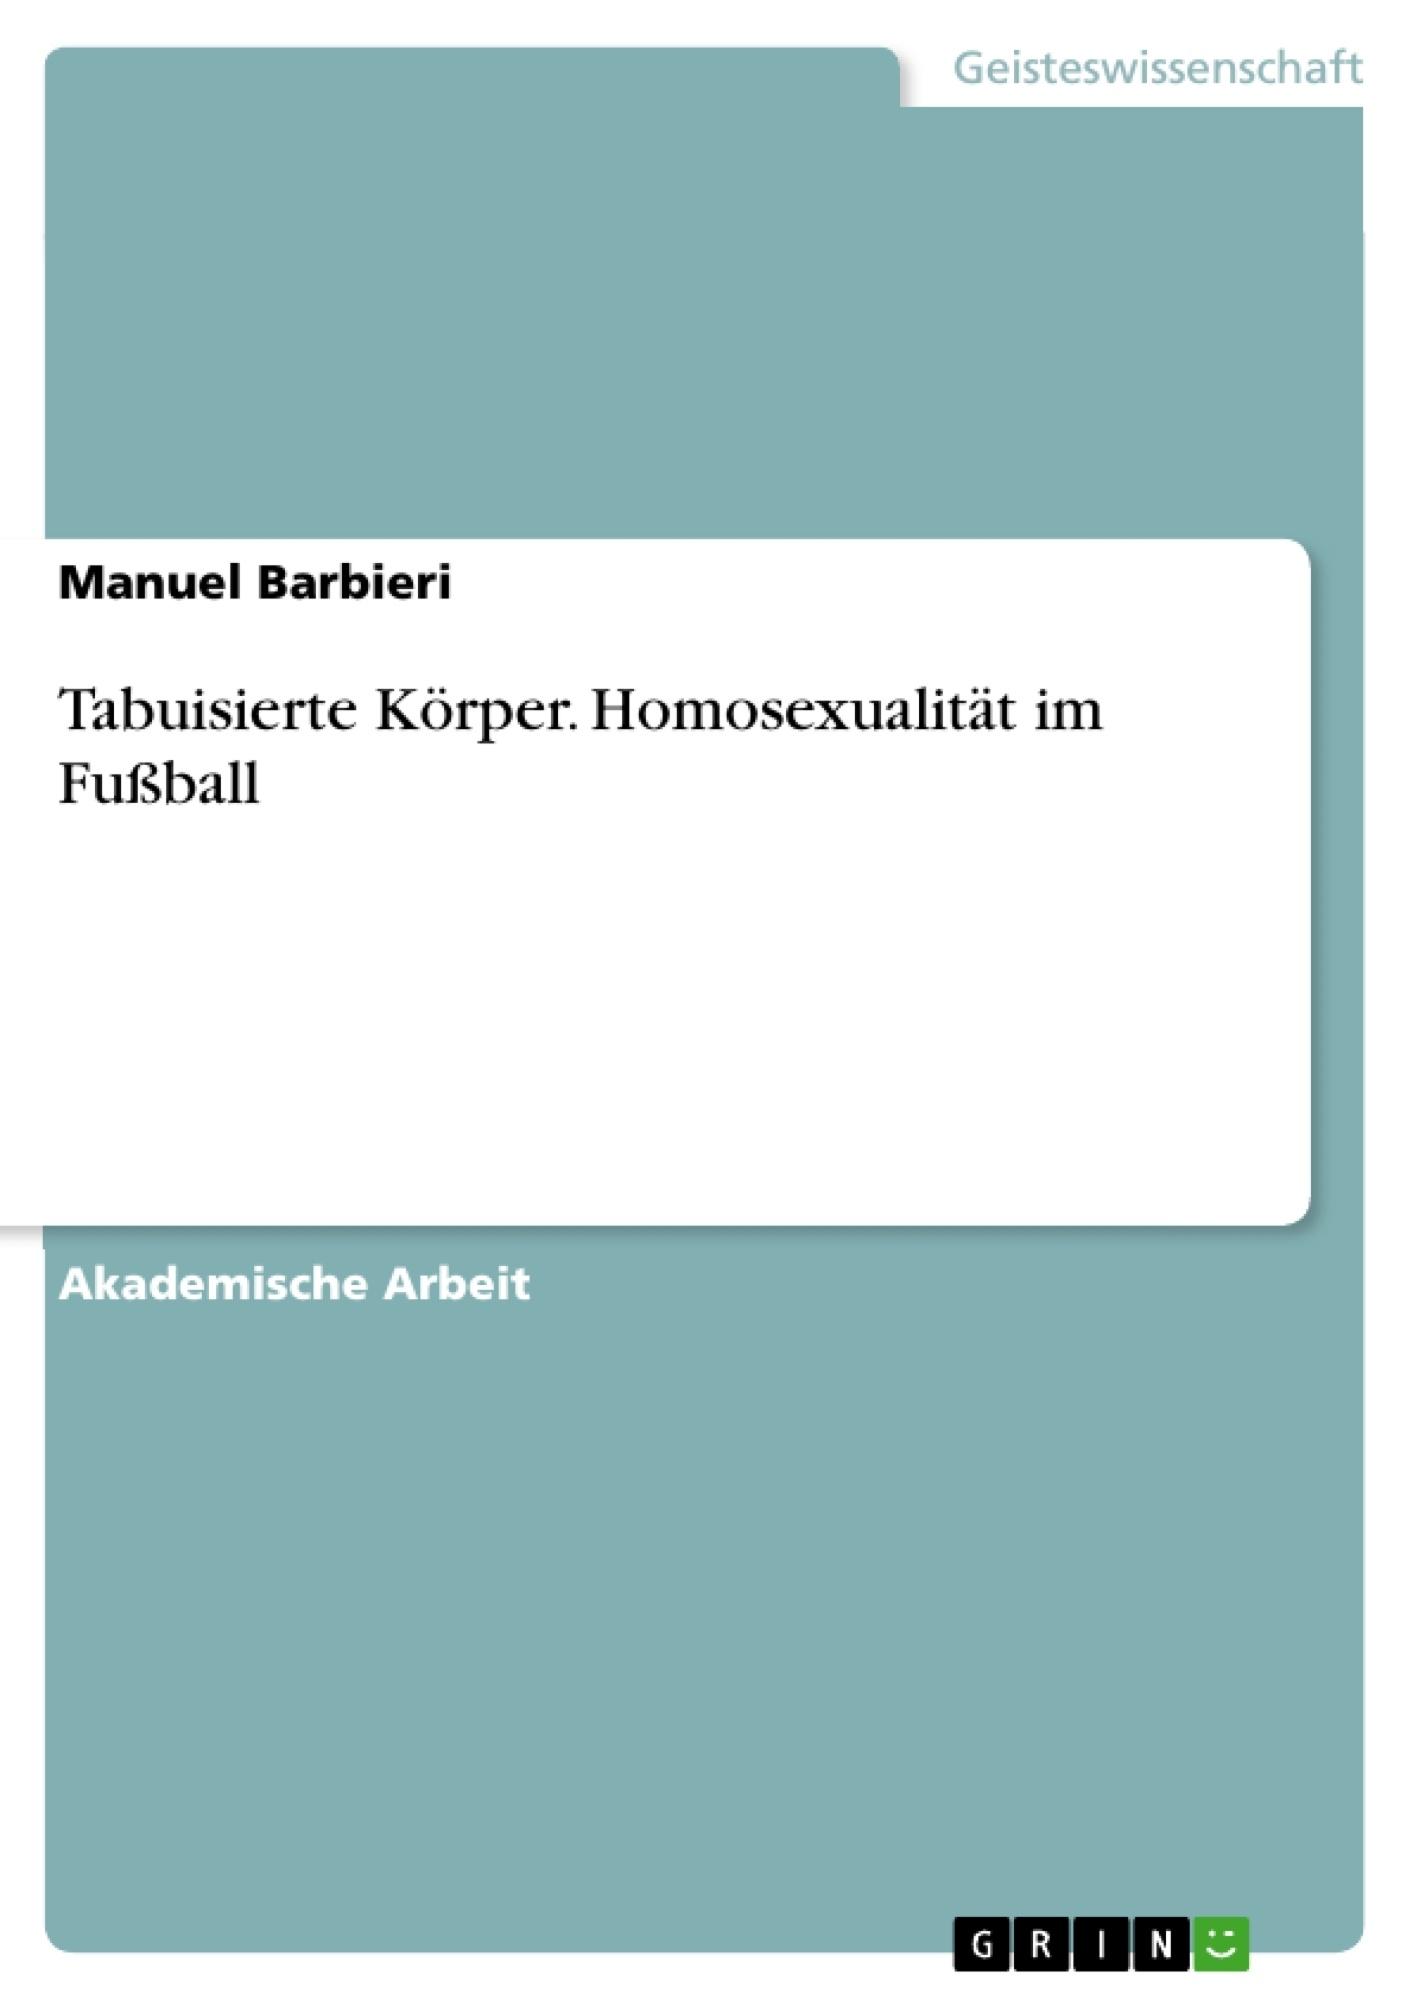 Titel: Tabuisierte Körper. Homosexualität im Fußball